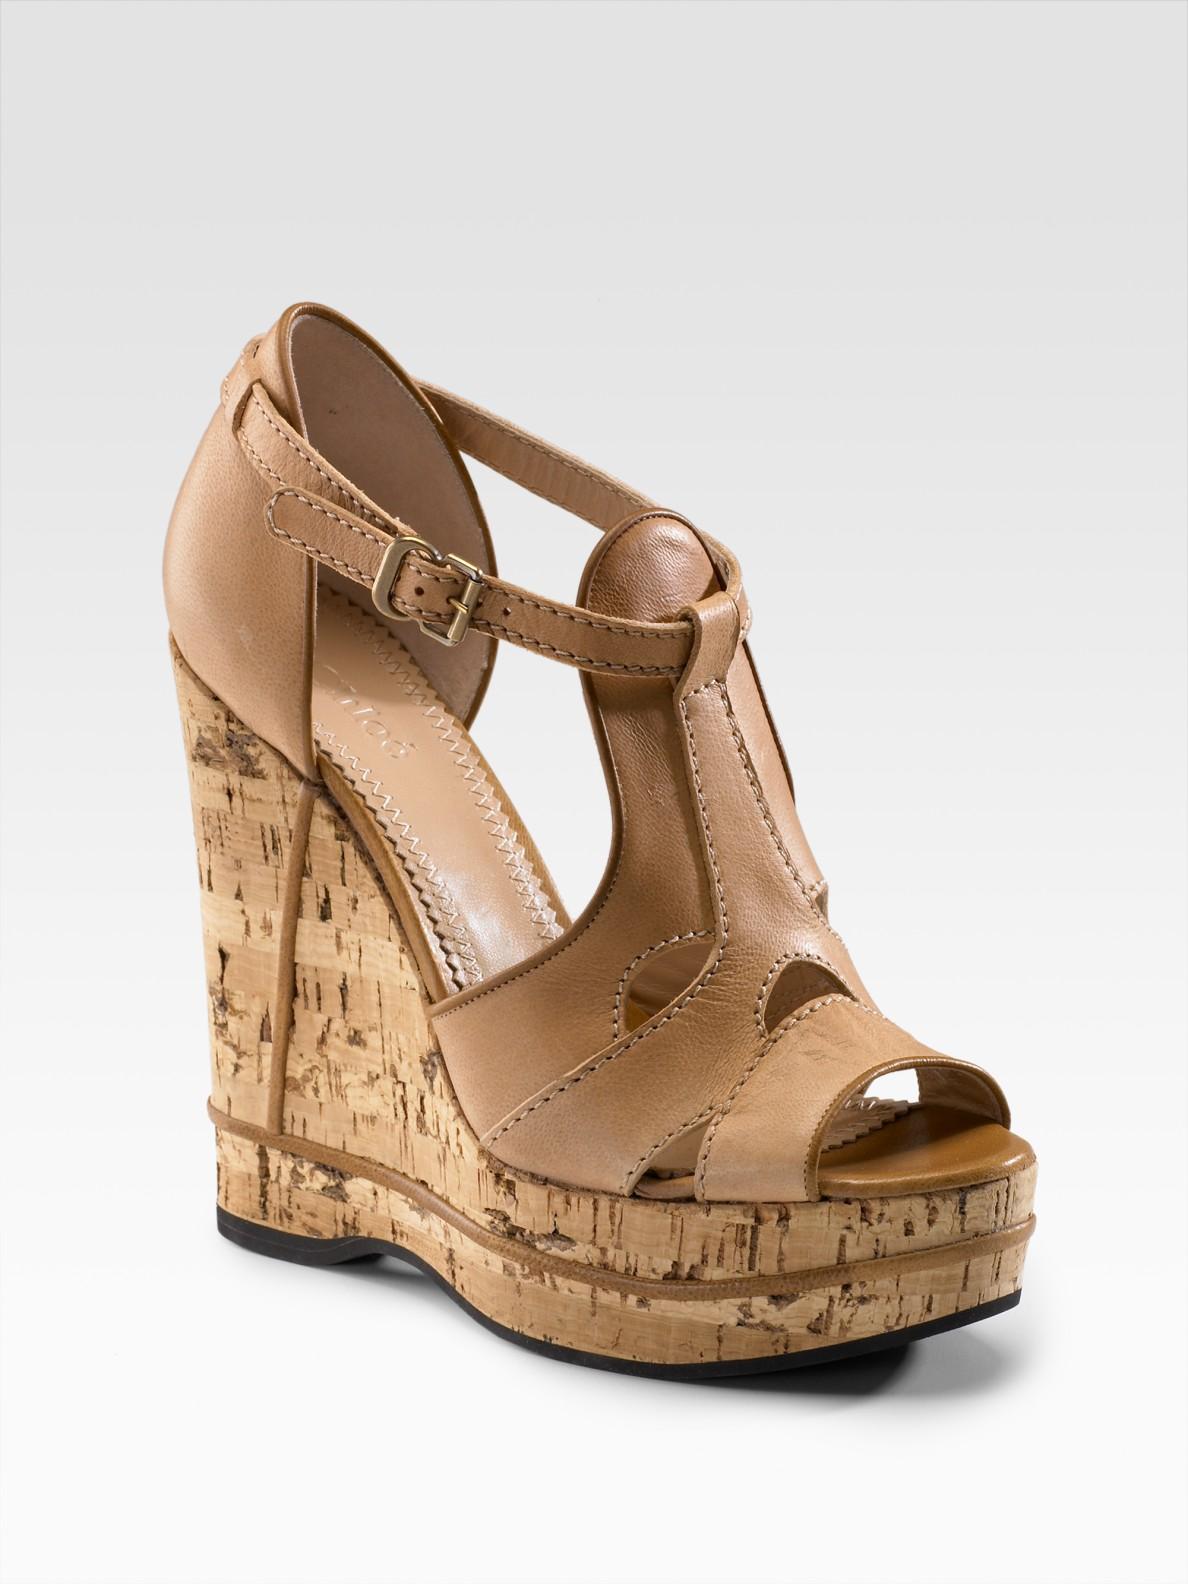 Chloé T-strap Platform Cork Wedge Sandals in Brown | Lyst